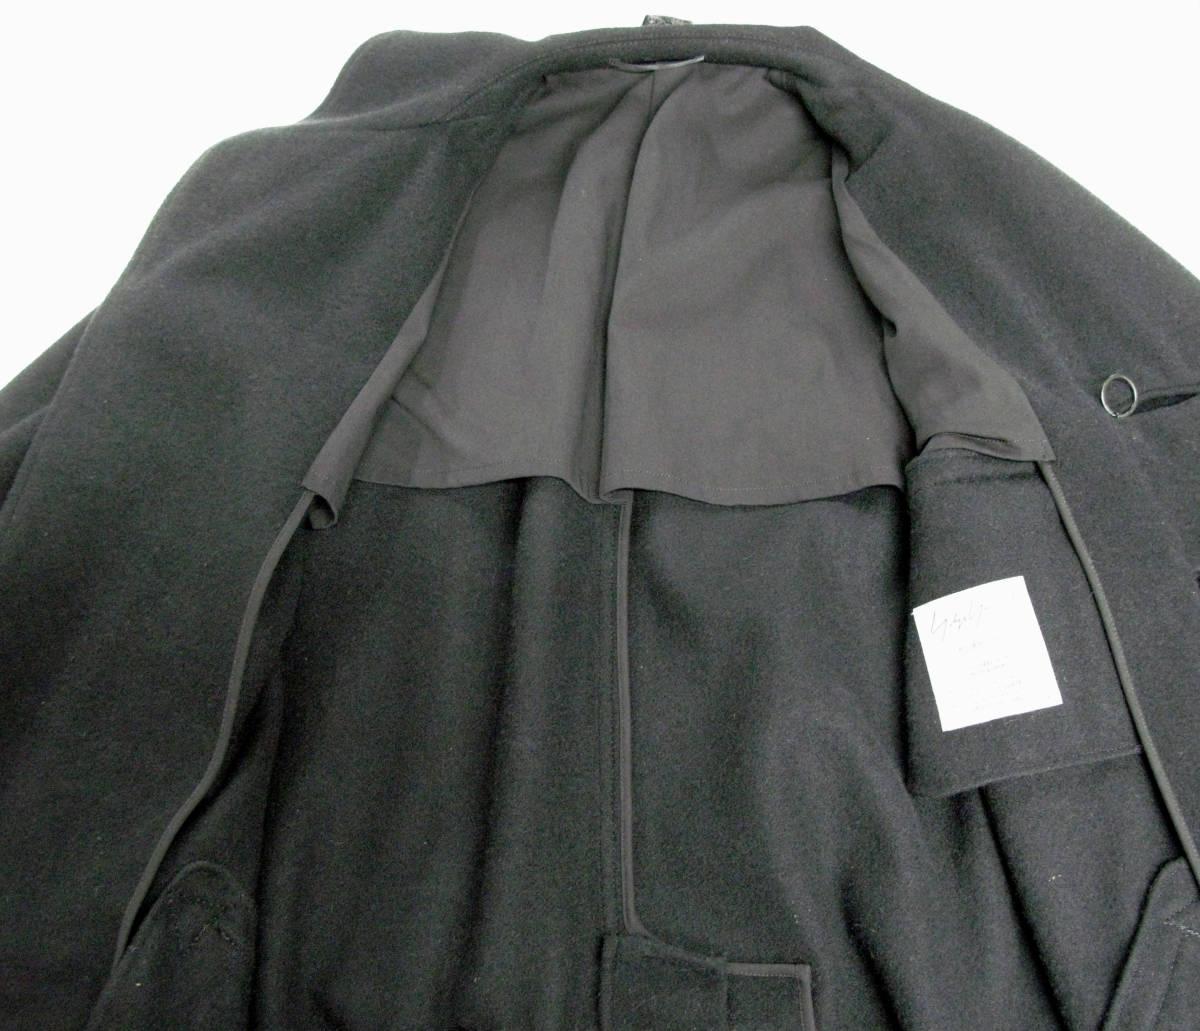 ヨウジヤマモト プールオム : 2019AW デカ釦 コート ( 真鍮ボタン 今期 デカボタン Yohji Yamamoto pour HOMME 2019-20AW coat_画像7